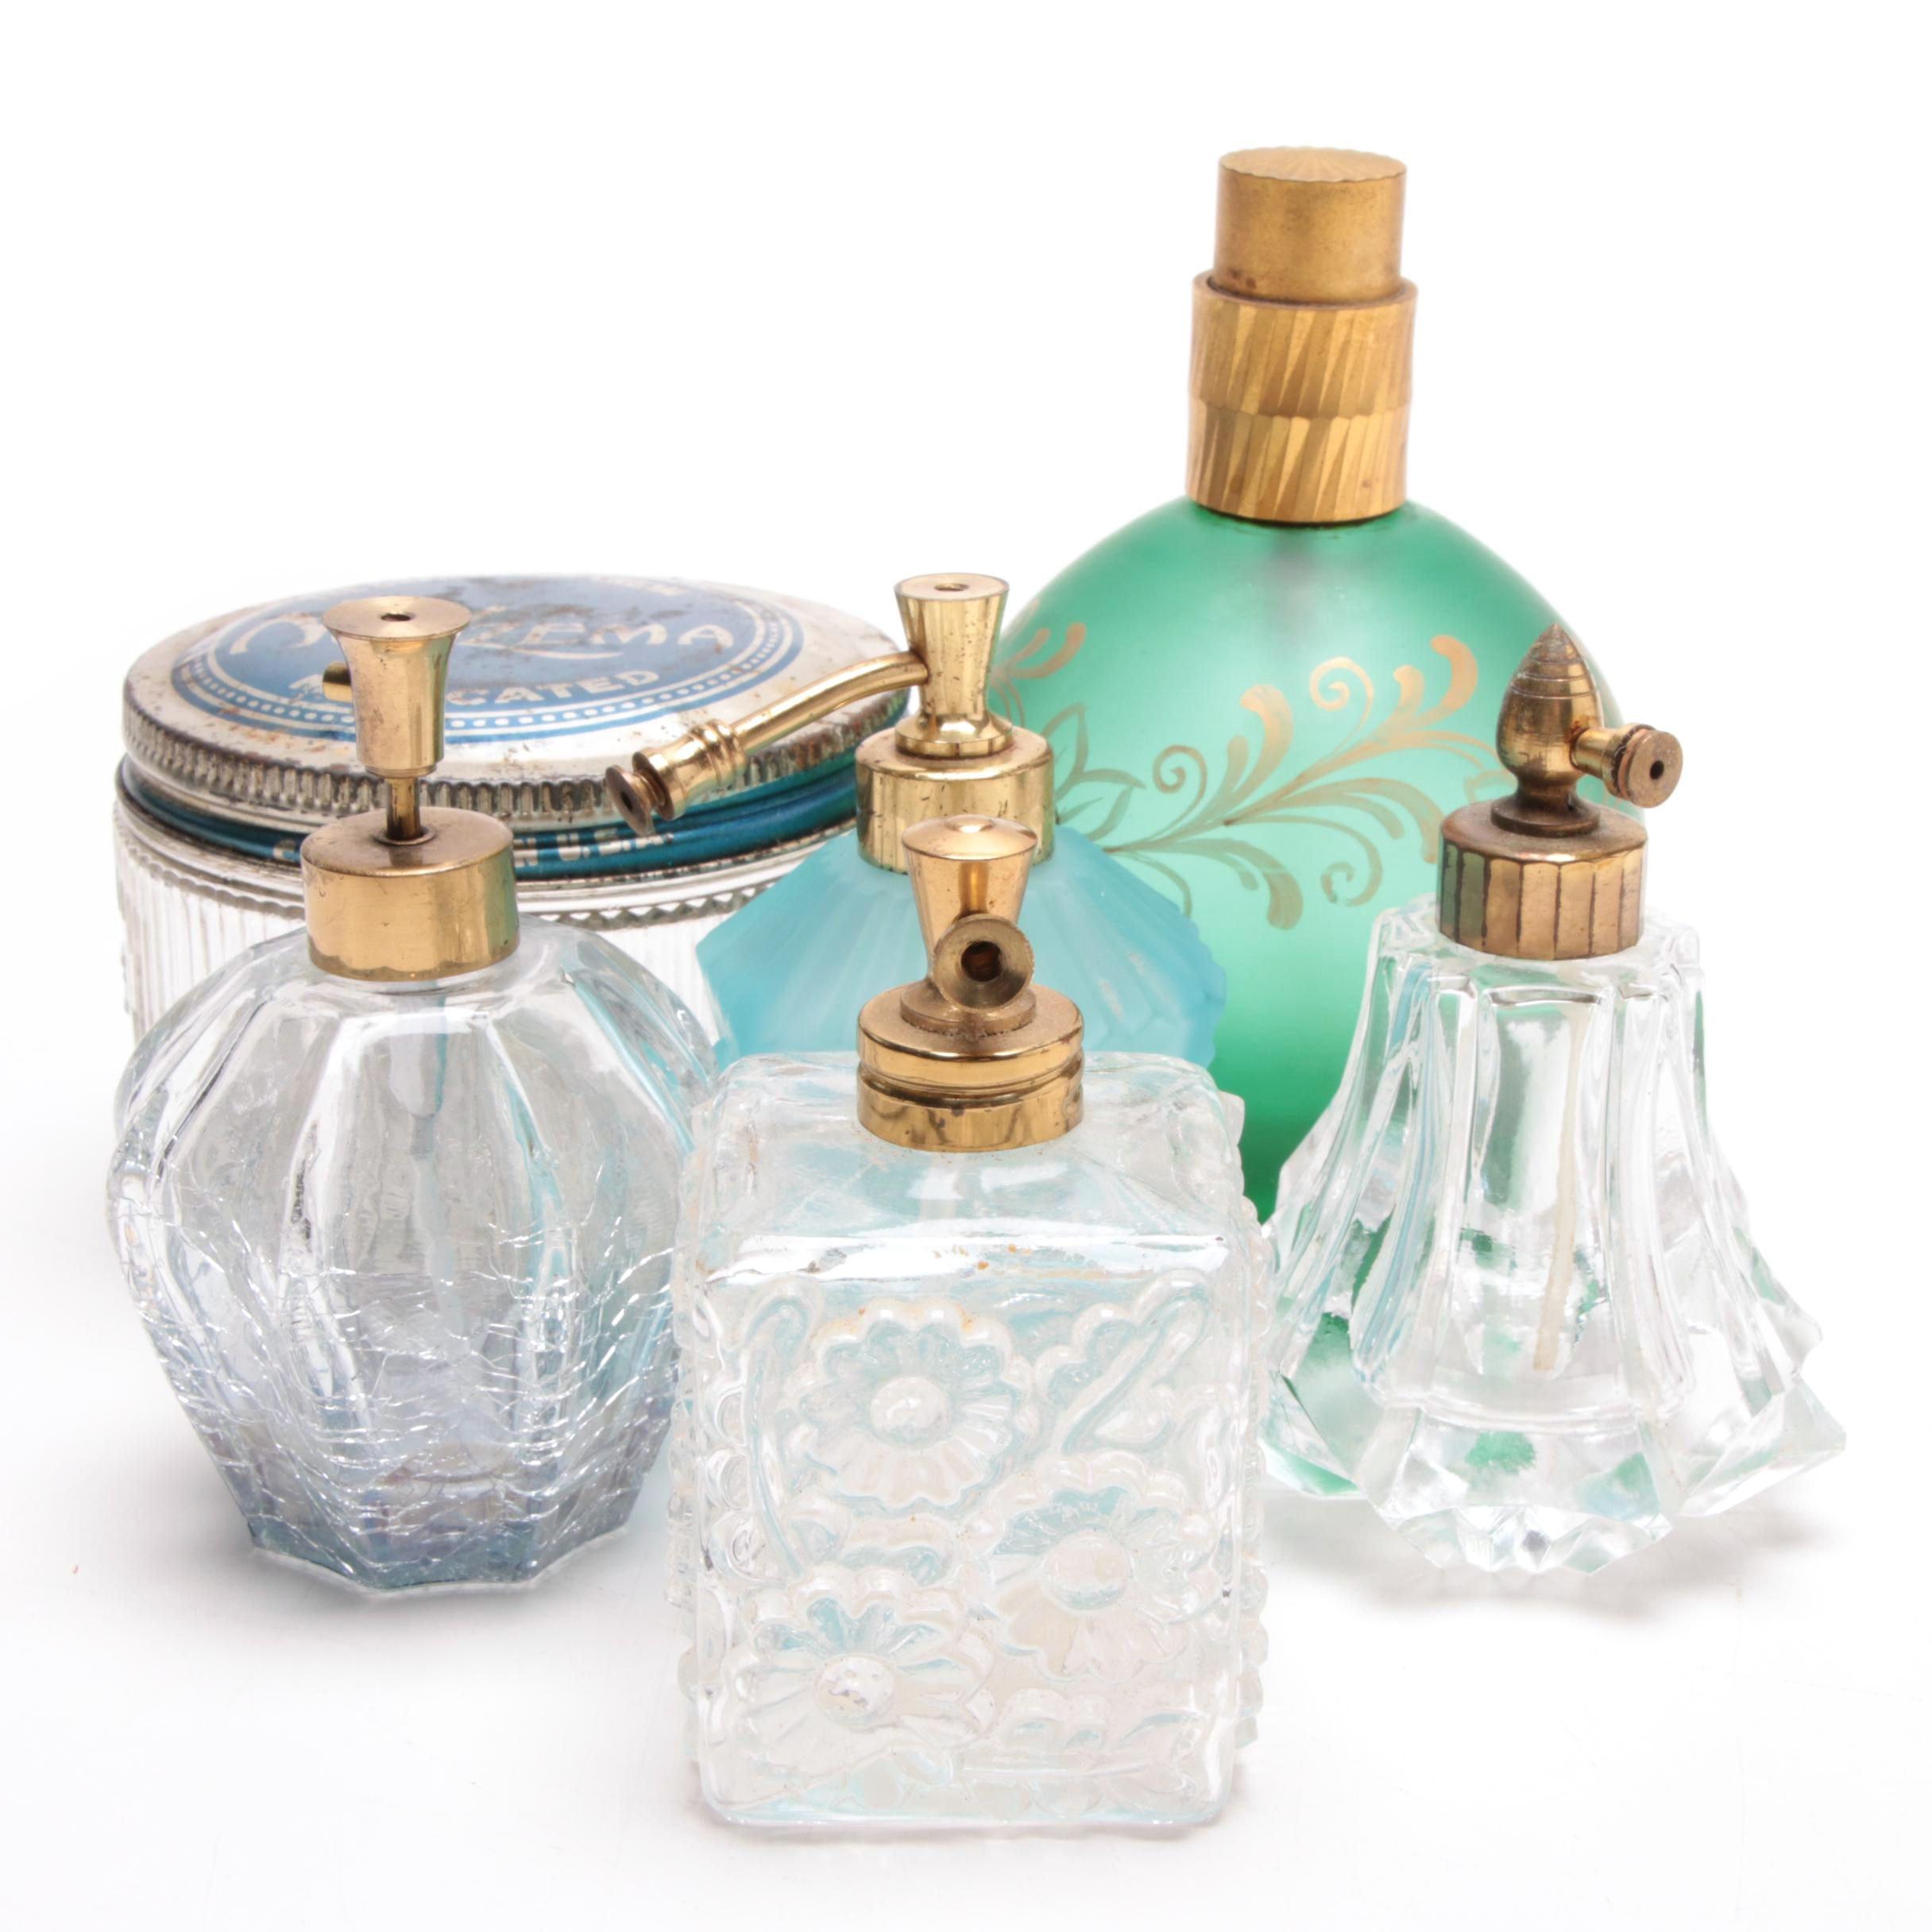 Glass Perfume Bottles and Vanity Jar